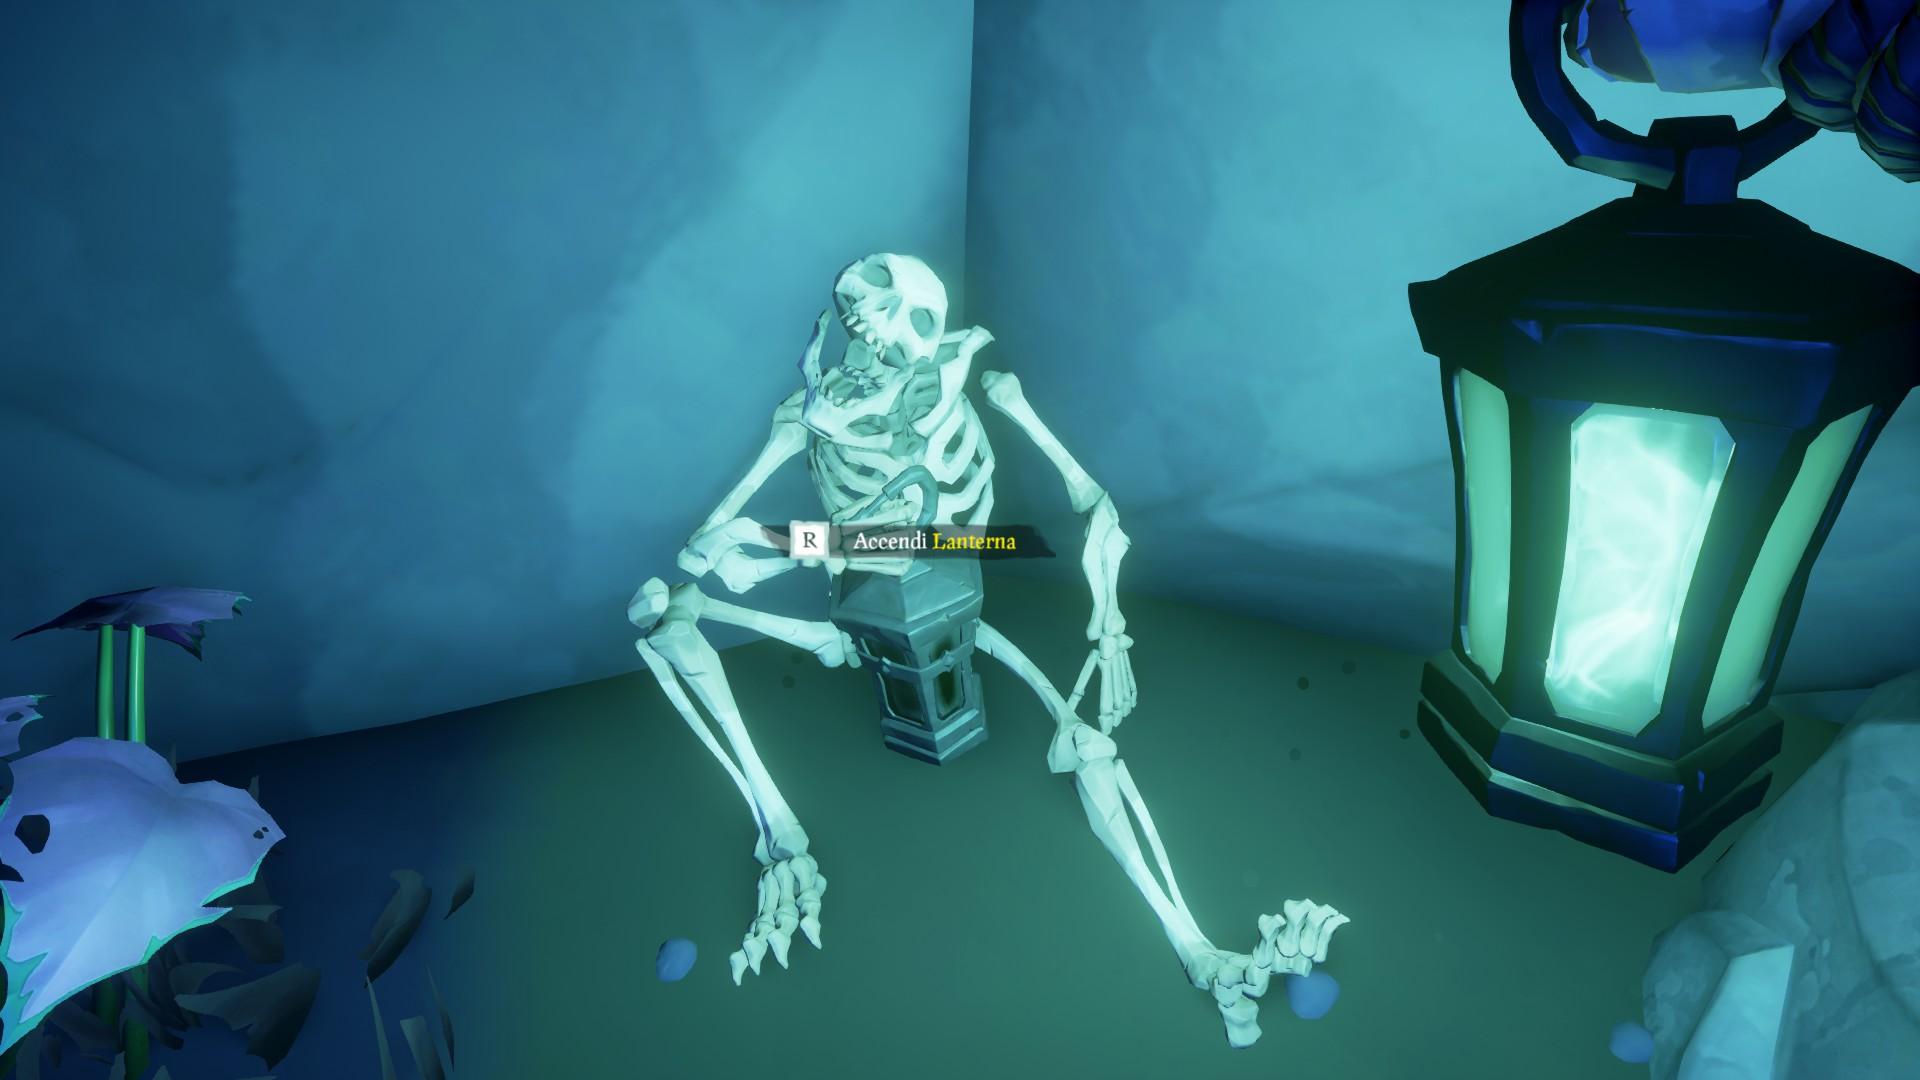 Vita da Pirata, accendere la terza lanterna.